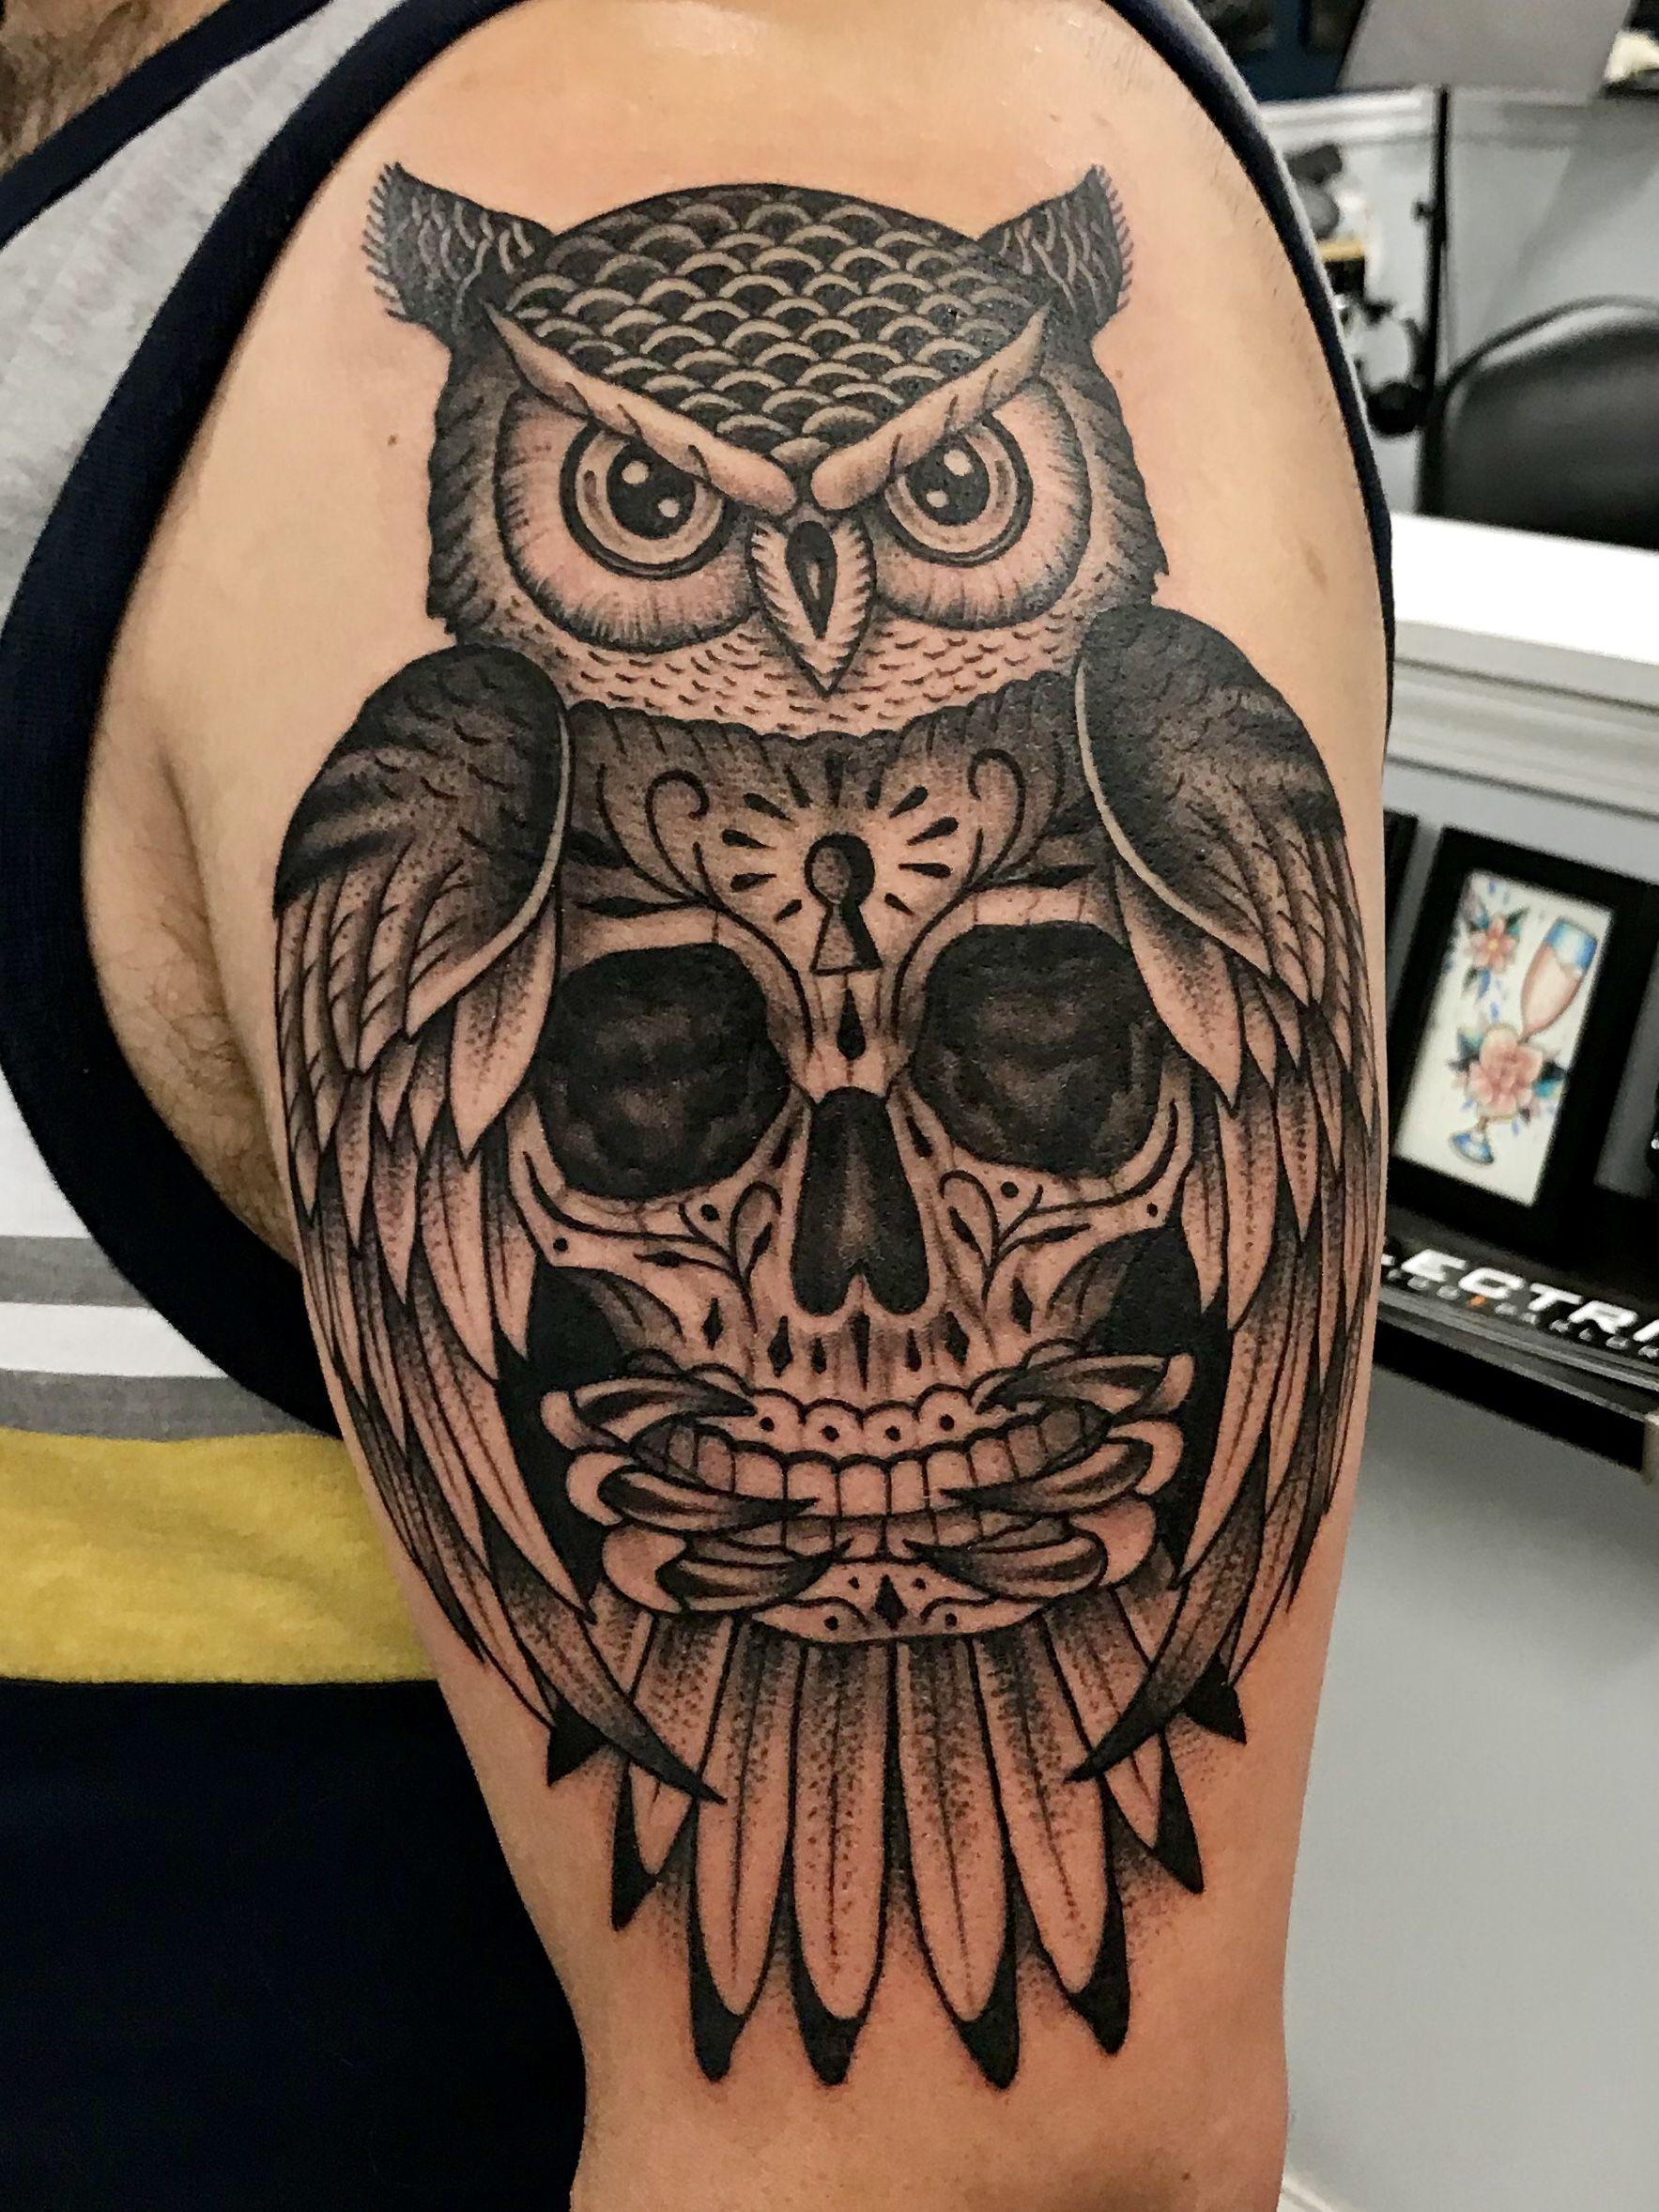 Upper Arm Tattoo Tattoos Upper Arm Tattoos Sugar Skull Owl